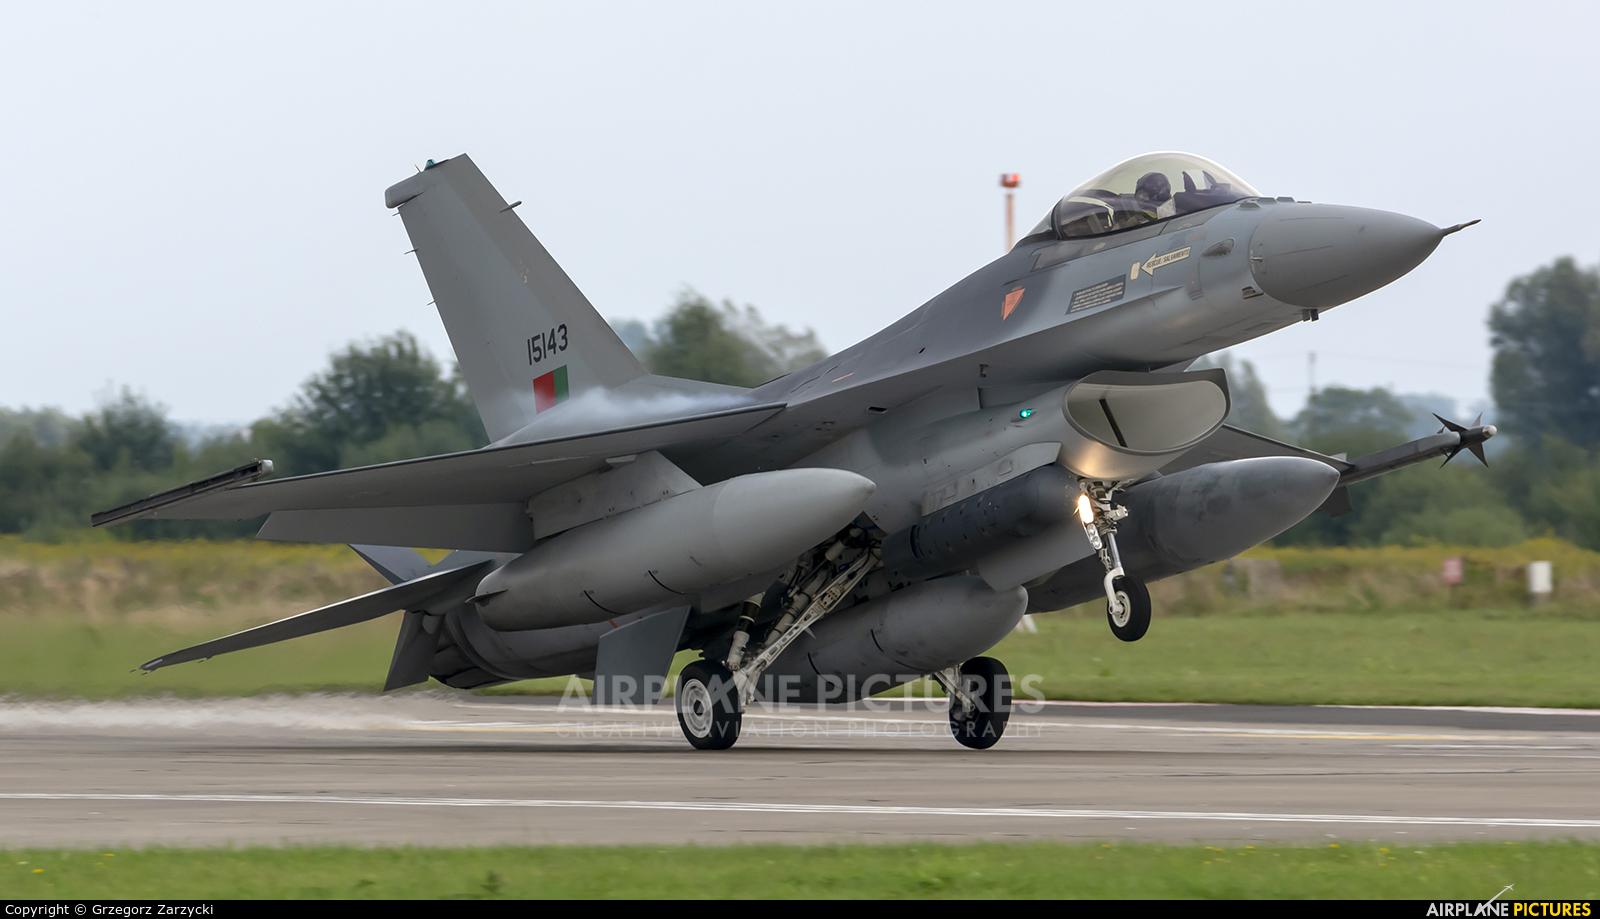 Portugal - Air Force 15143 aircraft at Malbork